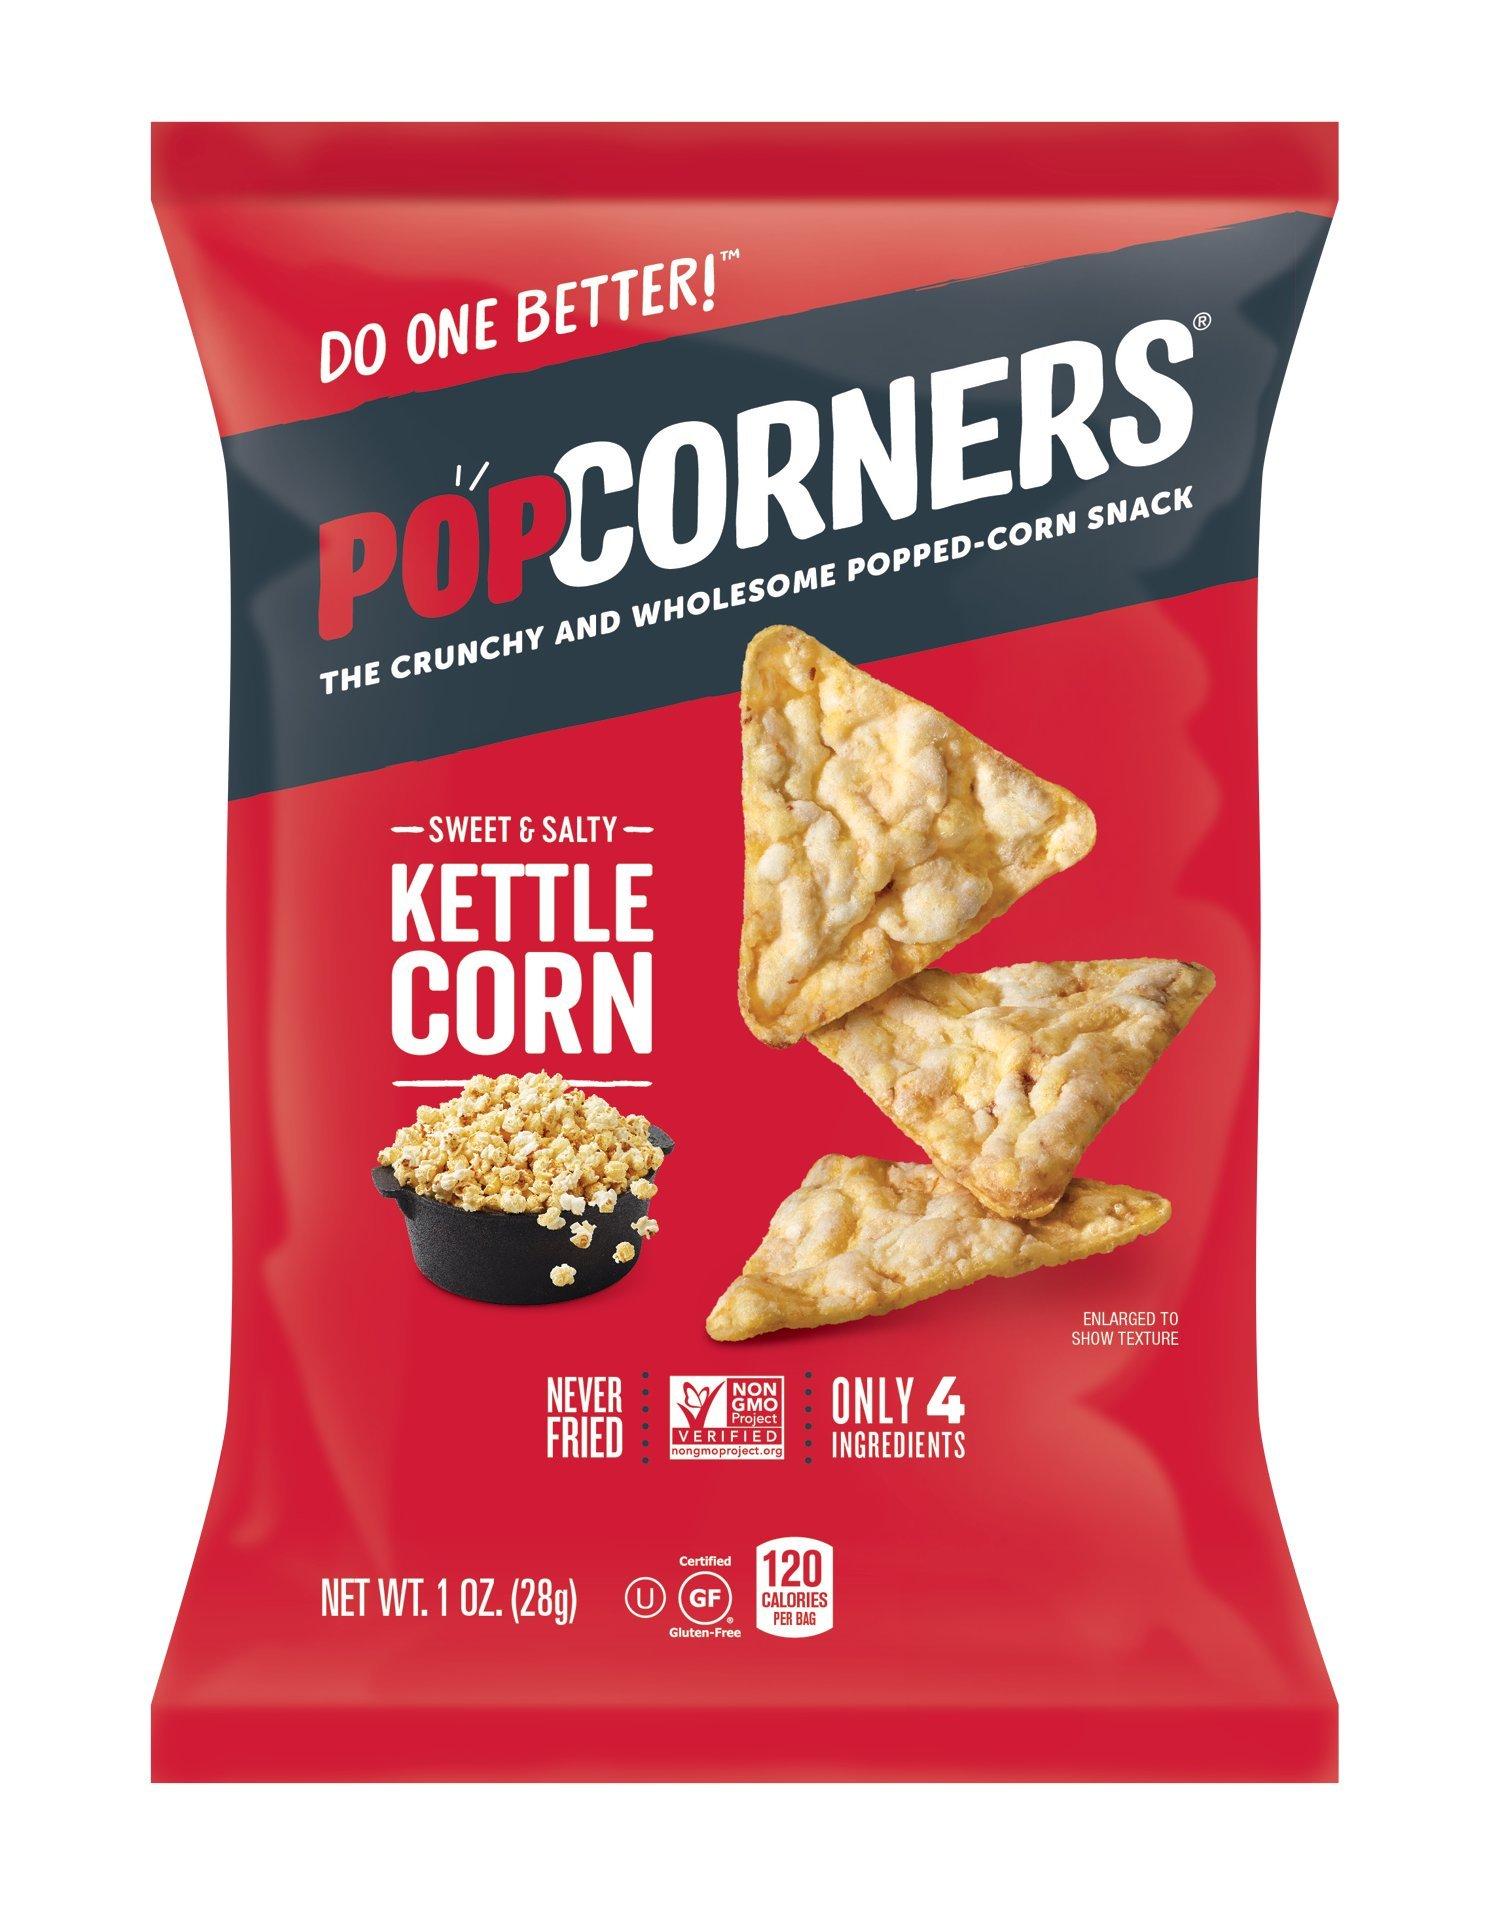 PopCorners Kettle Corn Snack Pack   Gluten Free, Vegan Snack   (40 Pack, 1 oz Snack Bags) by Popcorners